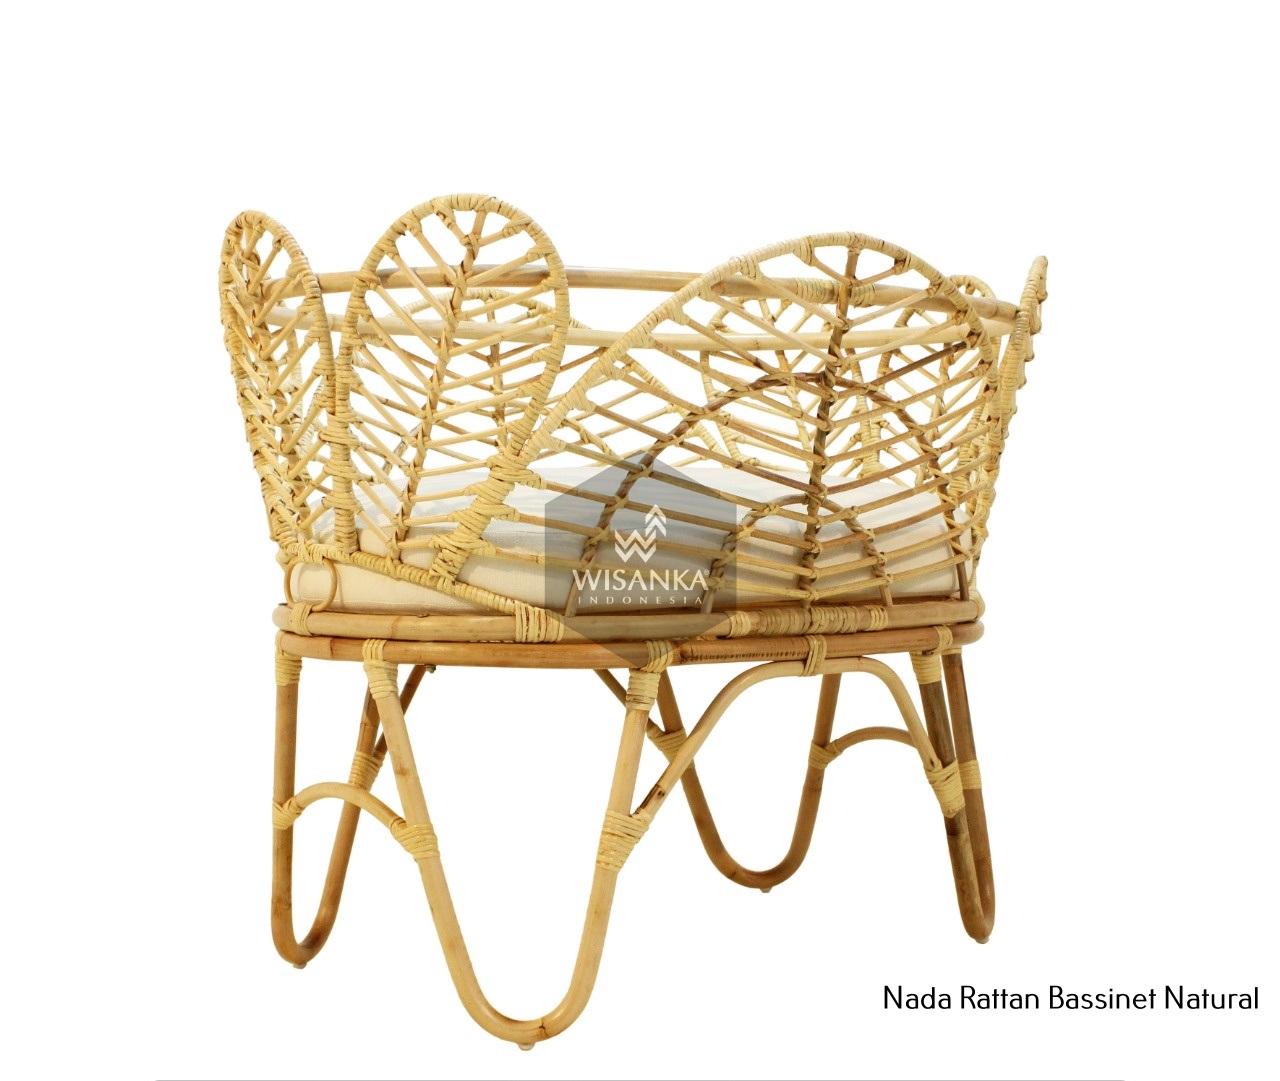 Nada Rattan Baby Crib Natural